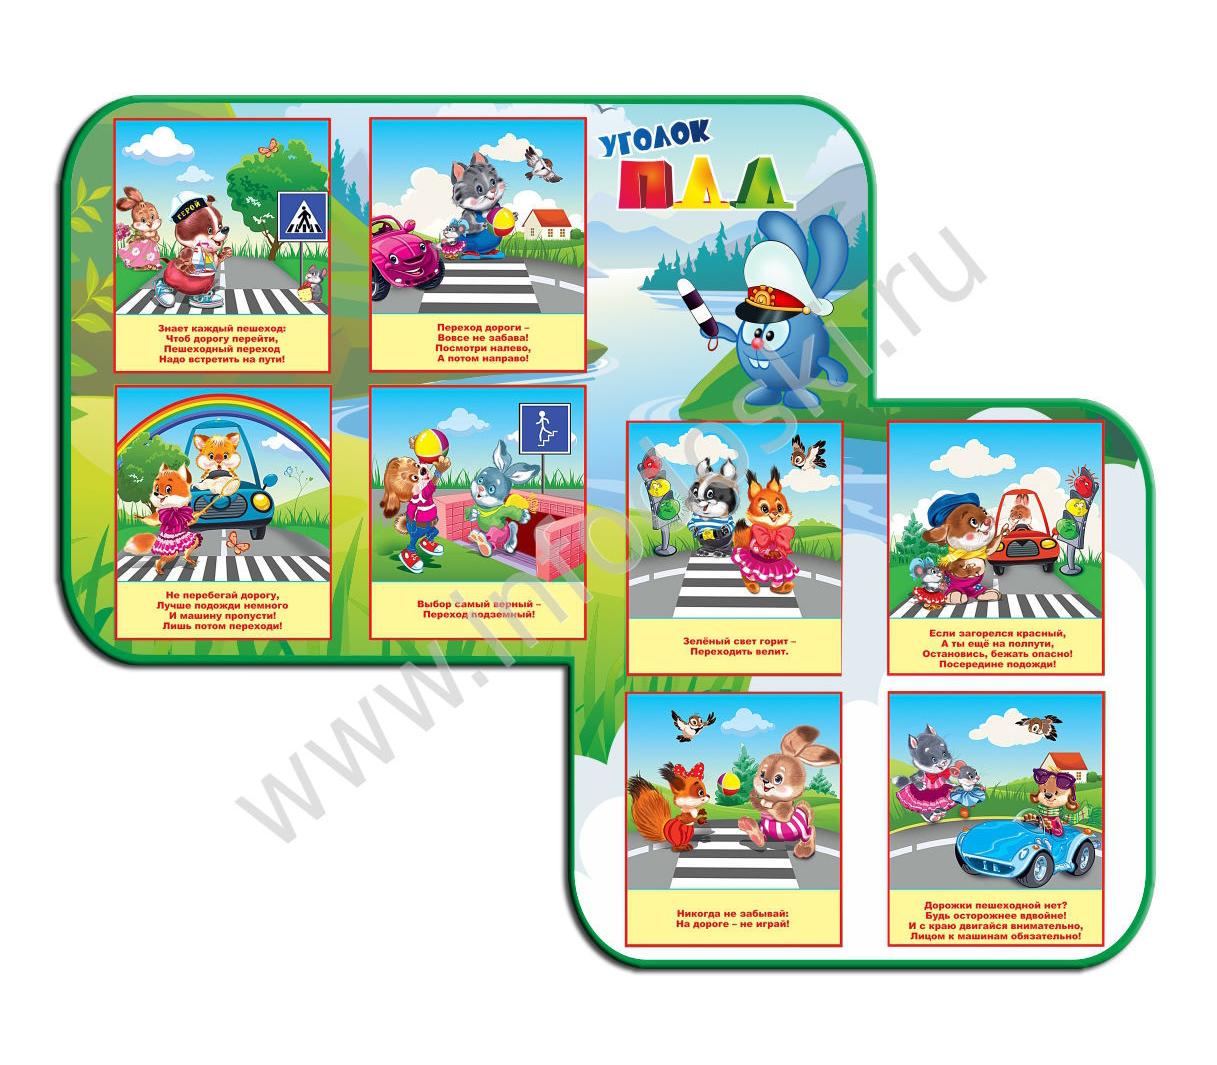 Стенд для детского сада своими руками по пдд